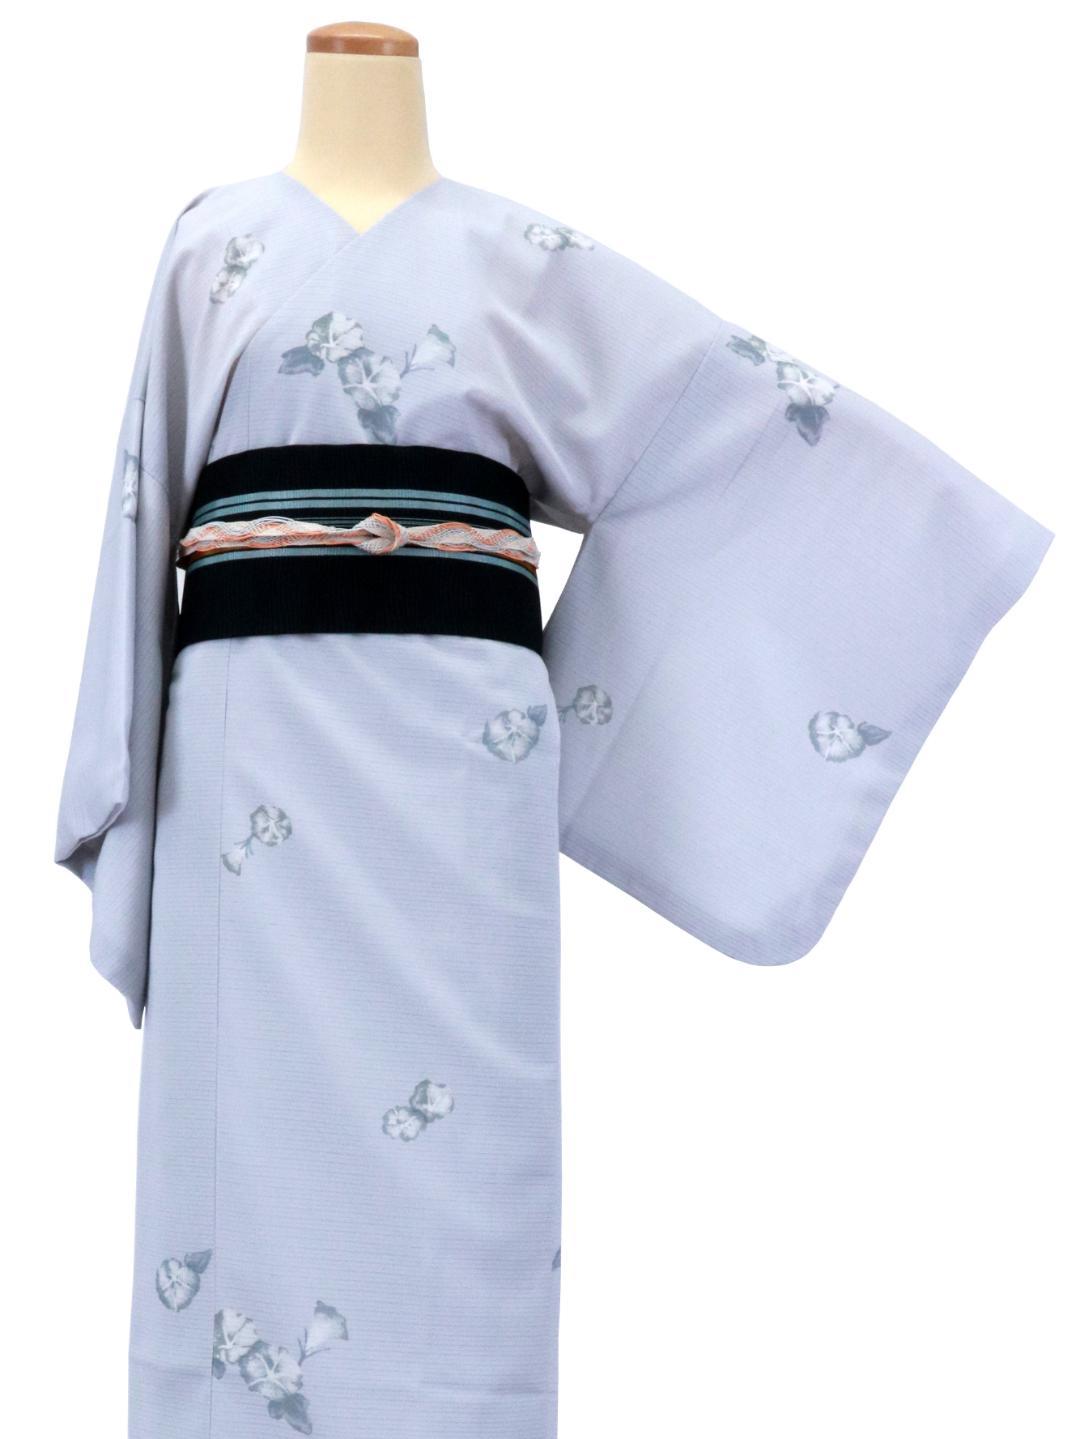 【日本製】 単品(衿なし)高級夏着物 絽 [水色系][N036][STサイズ]画像